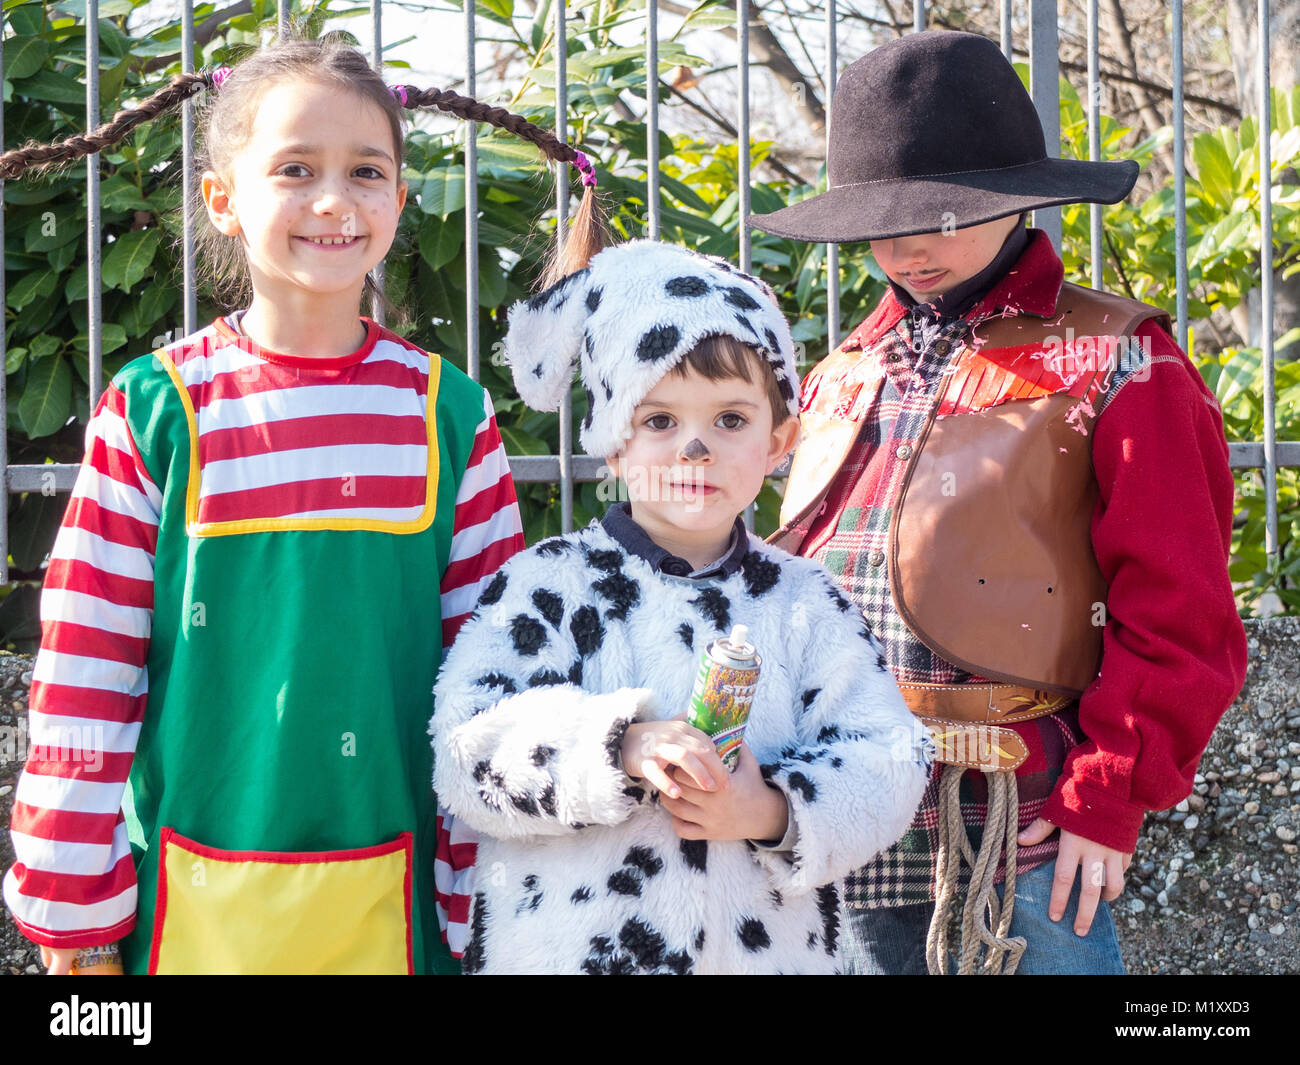 Kinder gekleidet in Karneval Kostüme auf der Außenseite Maskerade zu feiern. Stockbild